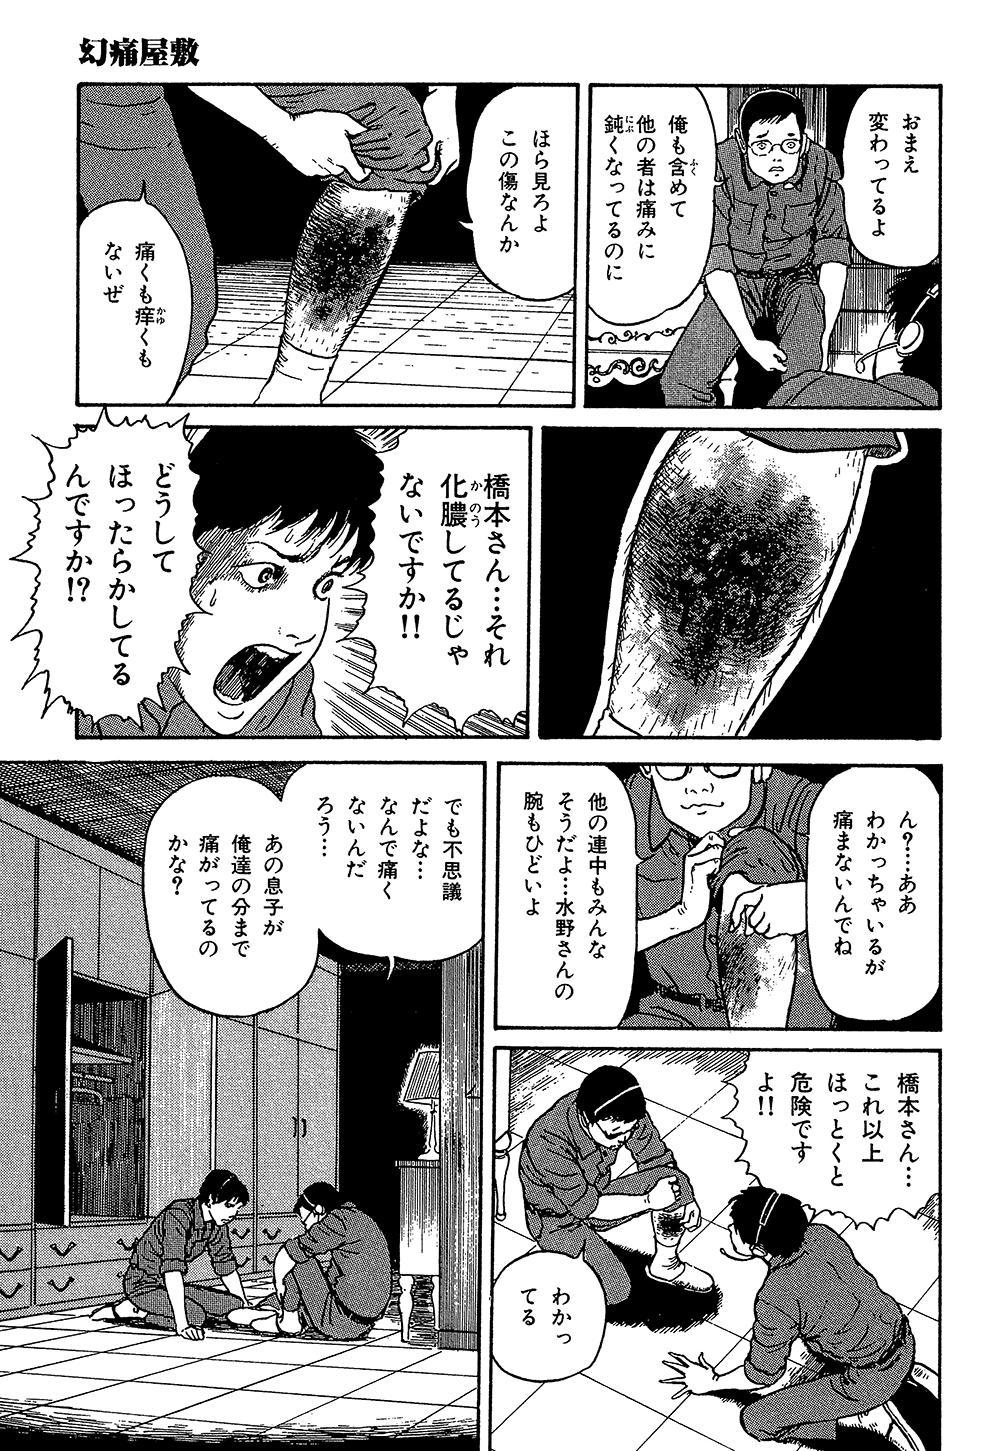 itouj_0004_0355.jpg